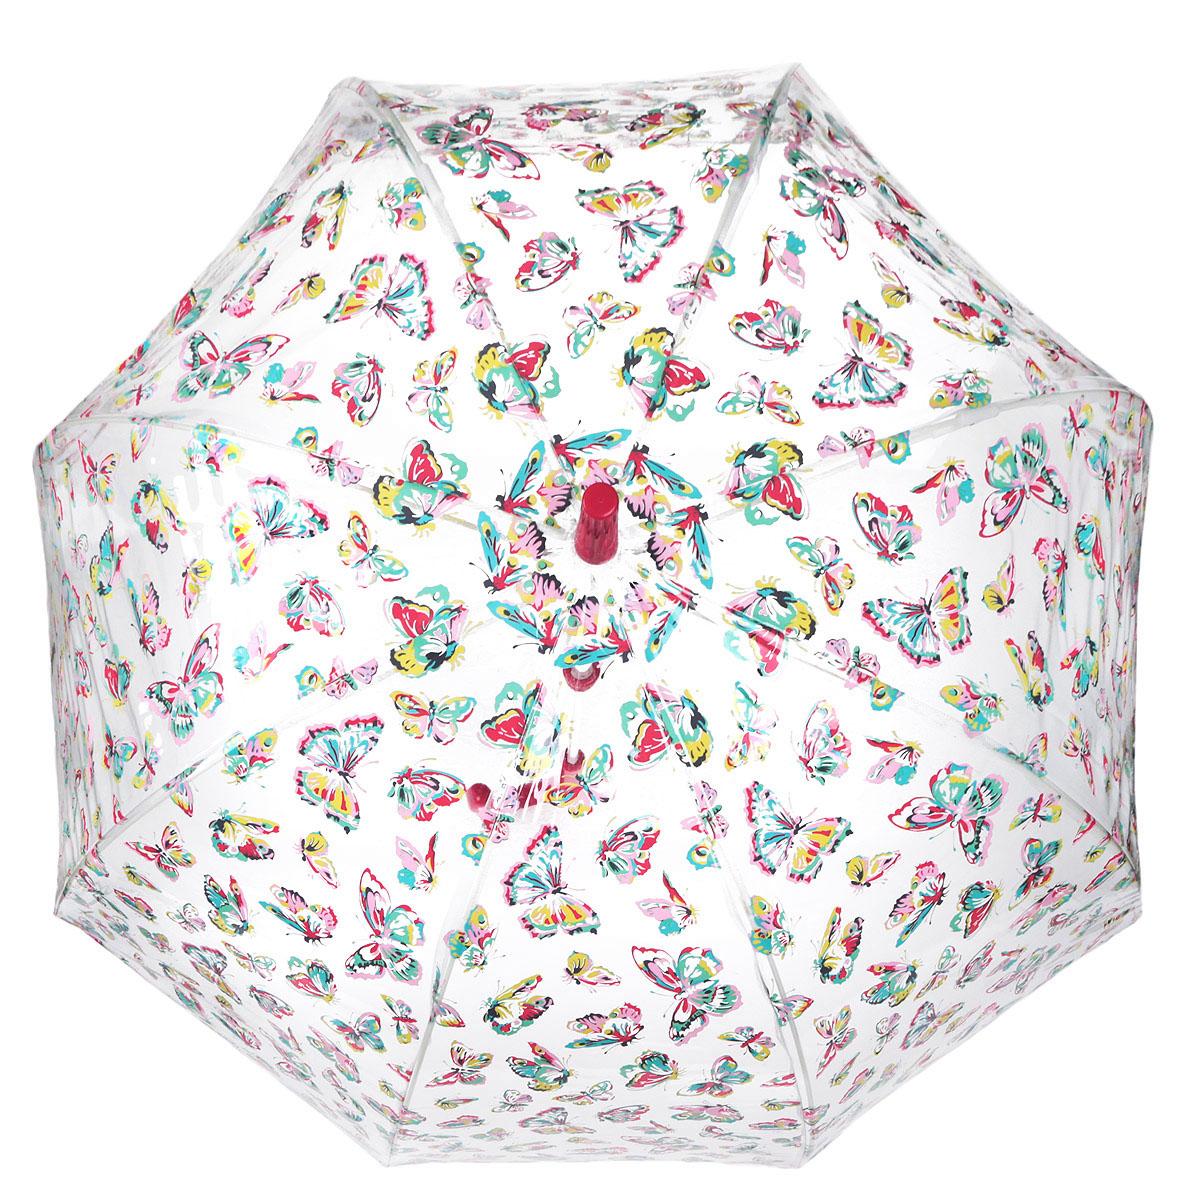 Зонт-трость женский Fulton Cath Kidston Birdcage. Butterflies, механический, цвет: прозрачный, красный, розовый, желтый. L546-2544L546-2544Модный механический зонт-трость Cath Kidston Birdcage. Butterflies. Каркас зонта состоит из 8 спиц фибергласса и пластикового стержня. Купол зонта выполнен из прочного ПВХ и оформлен узором в виде бабочек. Изделие оснащено удобной рукояткой из пластика. Зонт механического сложения: купол открывается и закрывается вручную до характерного щелчка. Модель закрывается при помощи одного ремня с кнопкой. Зонт-трость даже в ненастную погоду позволит вам оставаться стильной и элегантной. Такой зонт не только надежно защитит вас от дождя, но и станет стильным аксессуаром, который идеально подчеркнет ваш неповторимый образ.